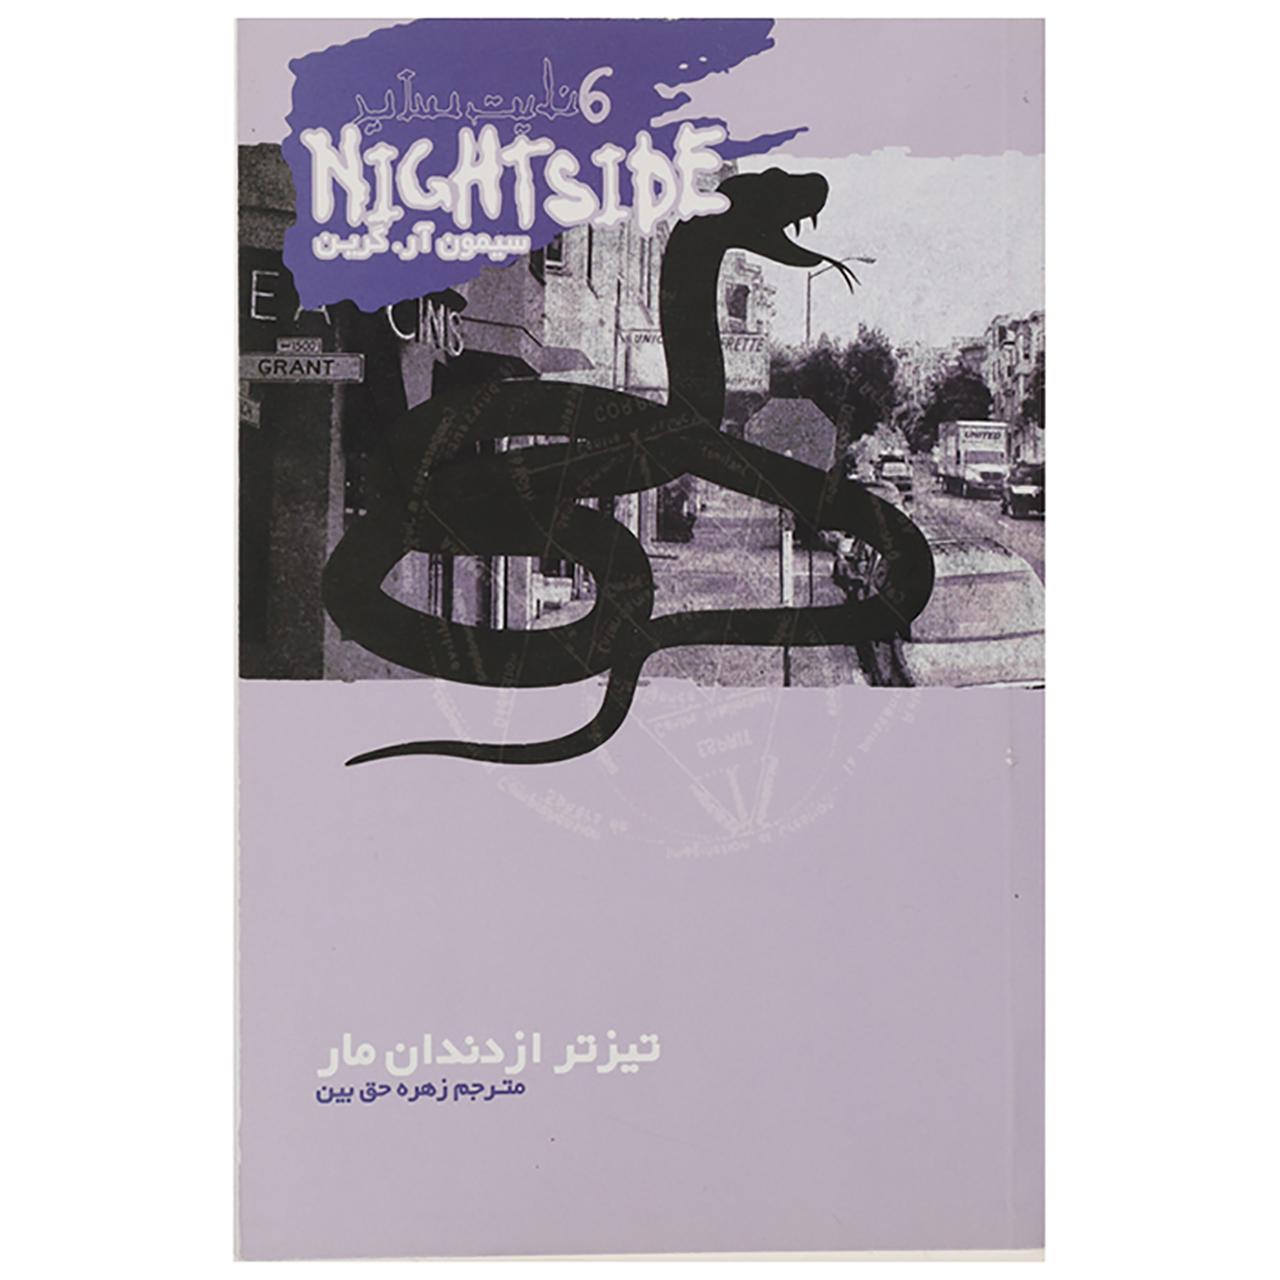 کتاب تیزتر از دندان مار اثر سیمون آر.گرین